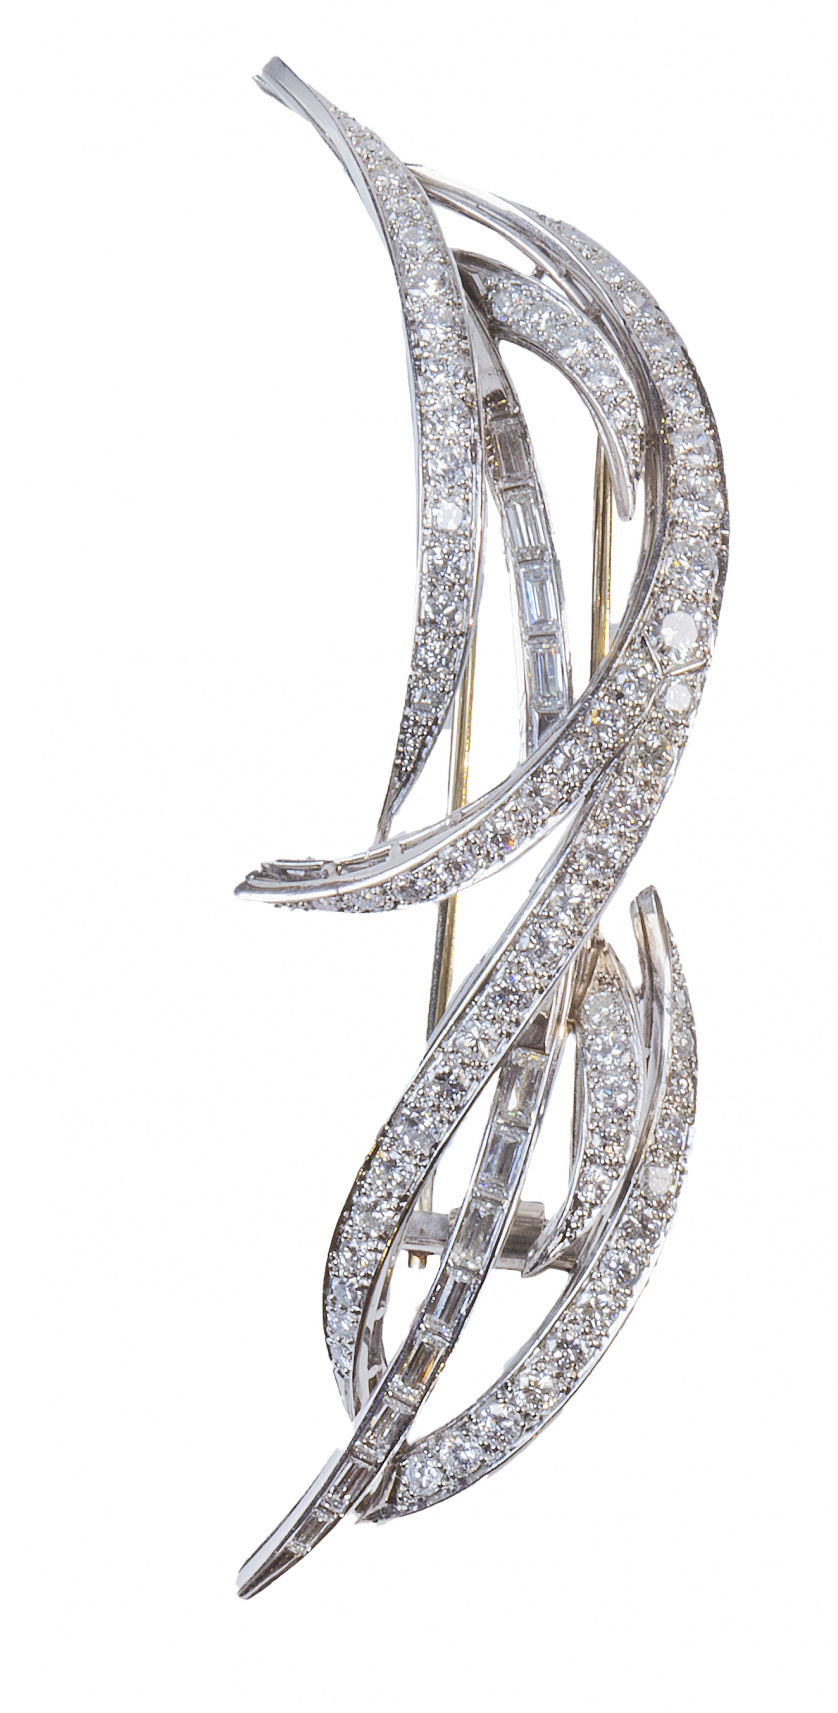 Broche años 50 de platino y brillantes en hojas estilizadas